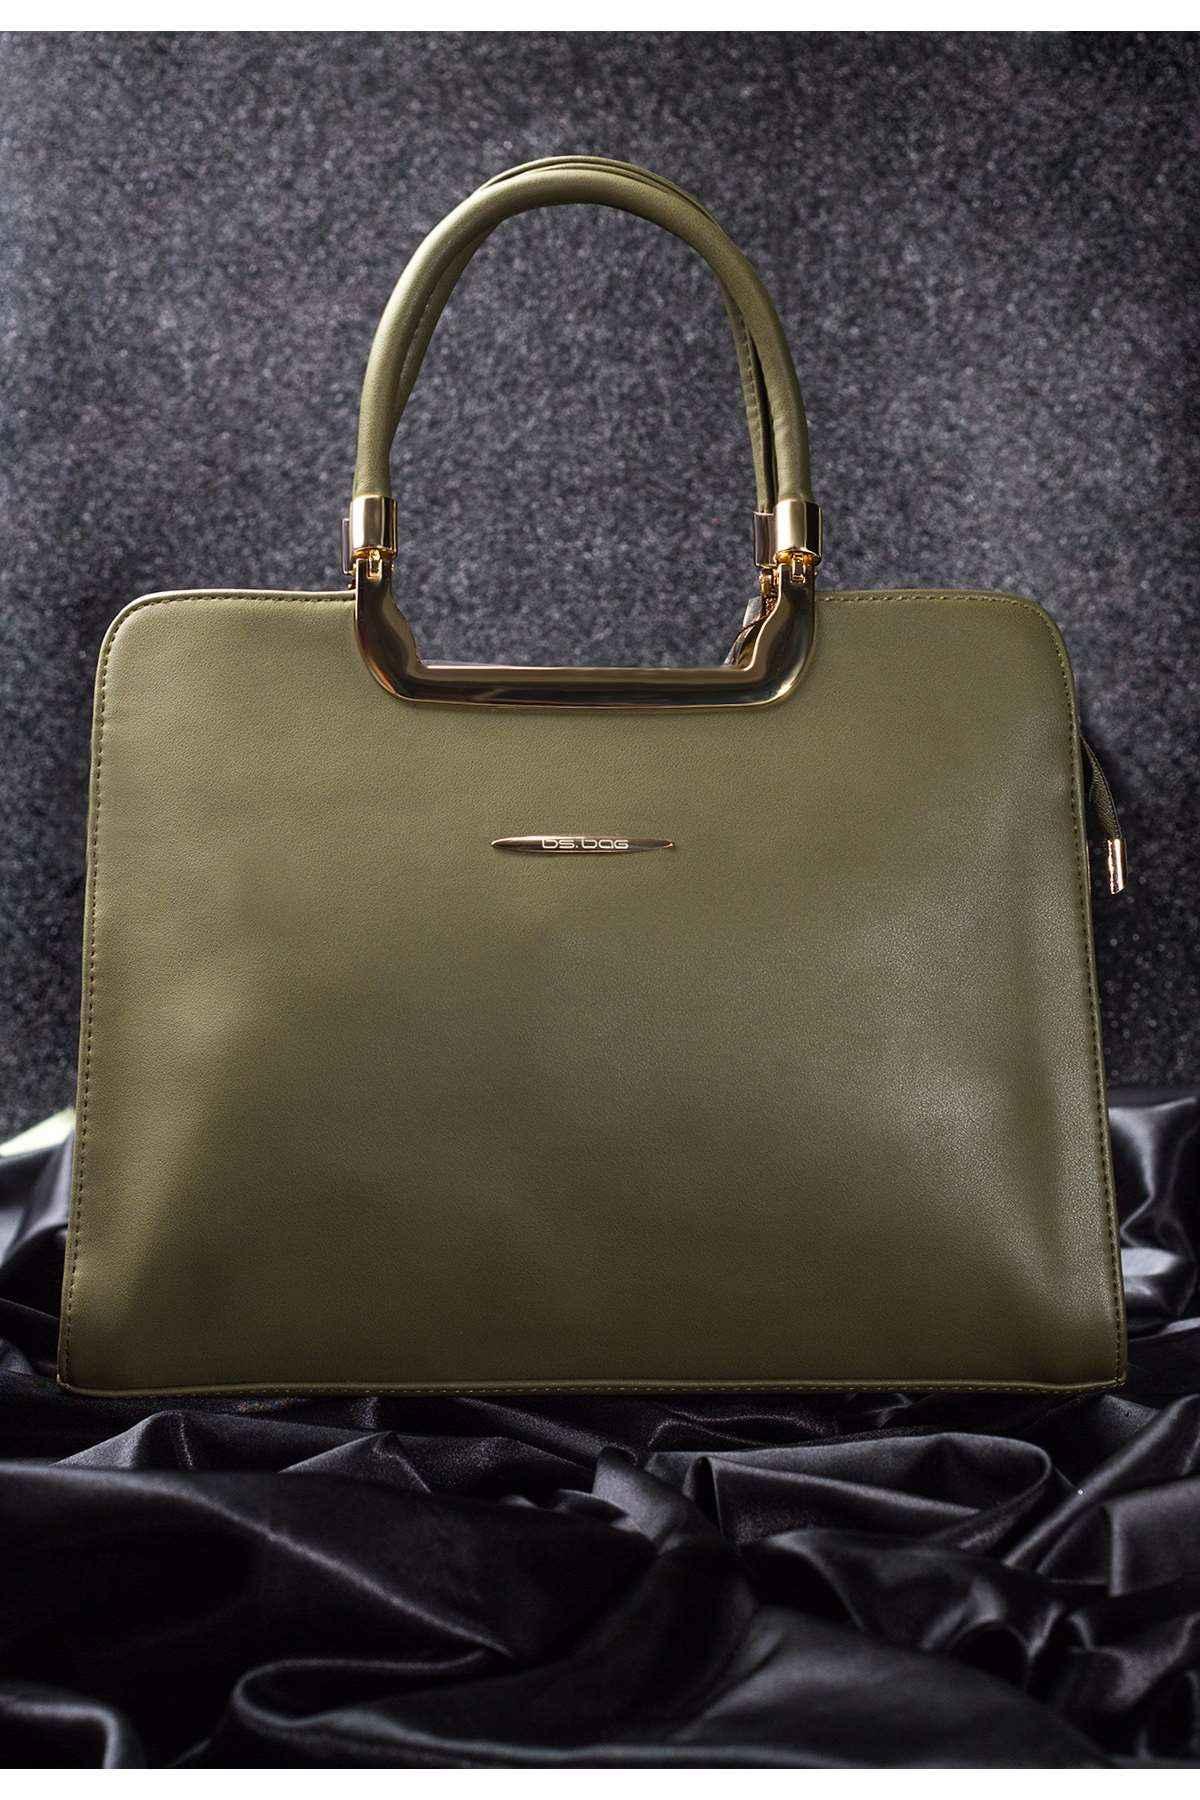 Haki Yeşili Bayan Kol Çantaları